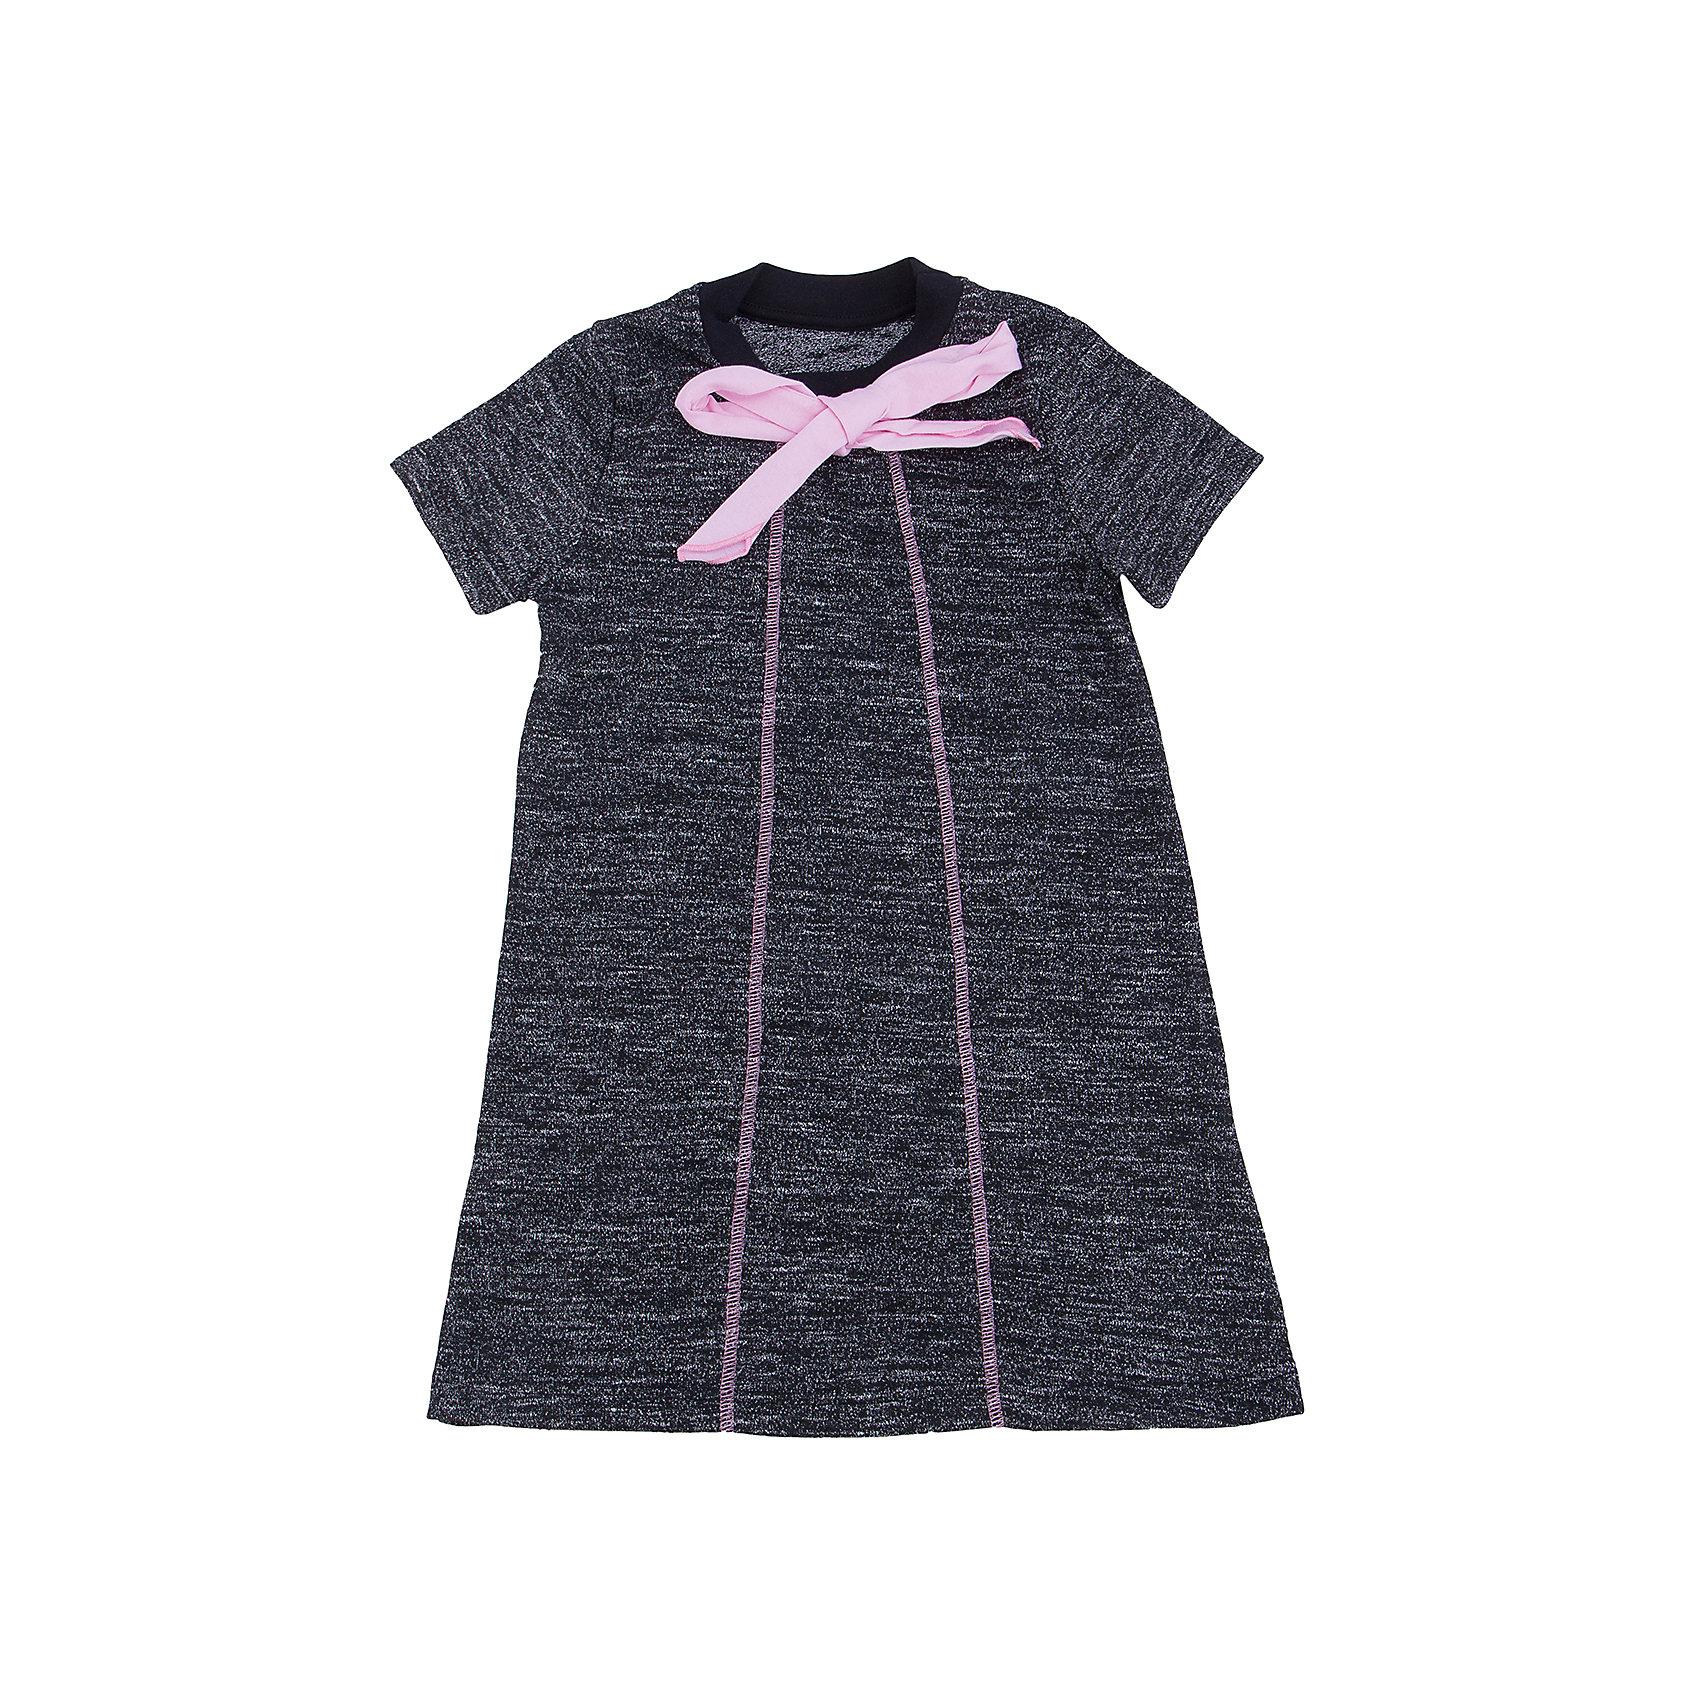 Платье для девочки АпрельПлатья и сарафаны<br>Платье для девочки от известного бренда Апрель.<br>Очаровательное платье для девочки выполнено из хлопкового полотна с добавлением лайкры. Простой крой, декоративные швы и изящный бант контрастного цвета делают платье незаменимым предметом гардероба каждой модницы! Рекомендуется машинная стирка при температуре 40 градусов без предварительного замачивания.<br>Состав:<br>полиэстер 64% + вискоза 25% + лайкра 11%<br><br>Ширина мм: 236<br>Глубина мм: 16<br>Высота мм: 184<br>Вес г: 177<br>Цвет: черный<br>Возраст от месяцев: 120<br>Возраст до месяцев: 132<br>Пол: Женский<br>Возраст: Детский<br>Размер: 146,122,128,134,116,140<br>SKU: 5173122